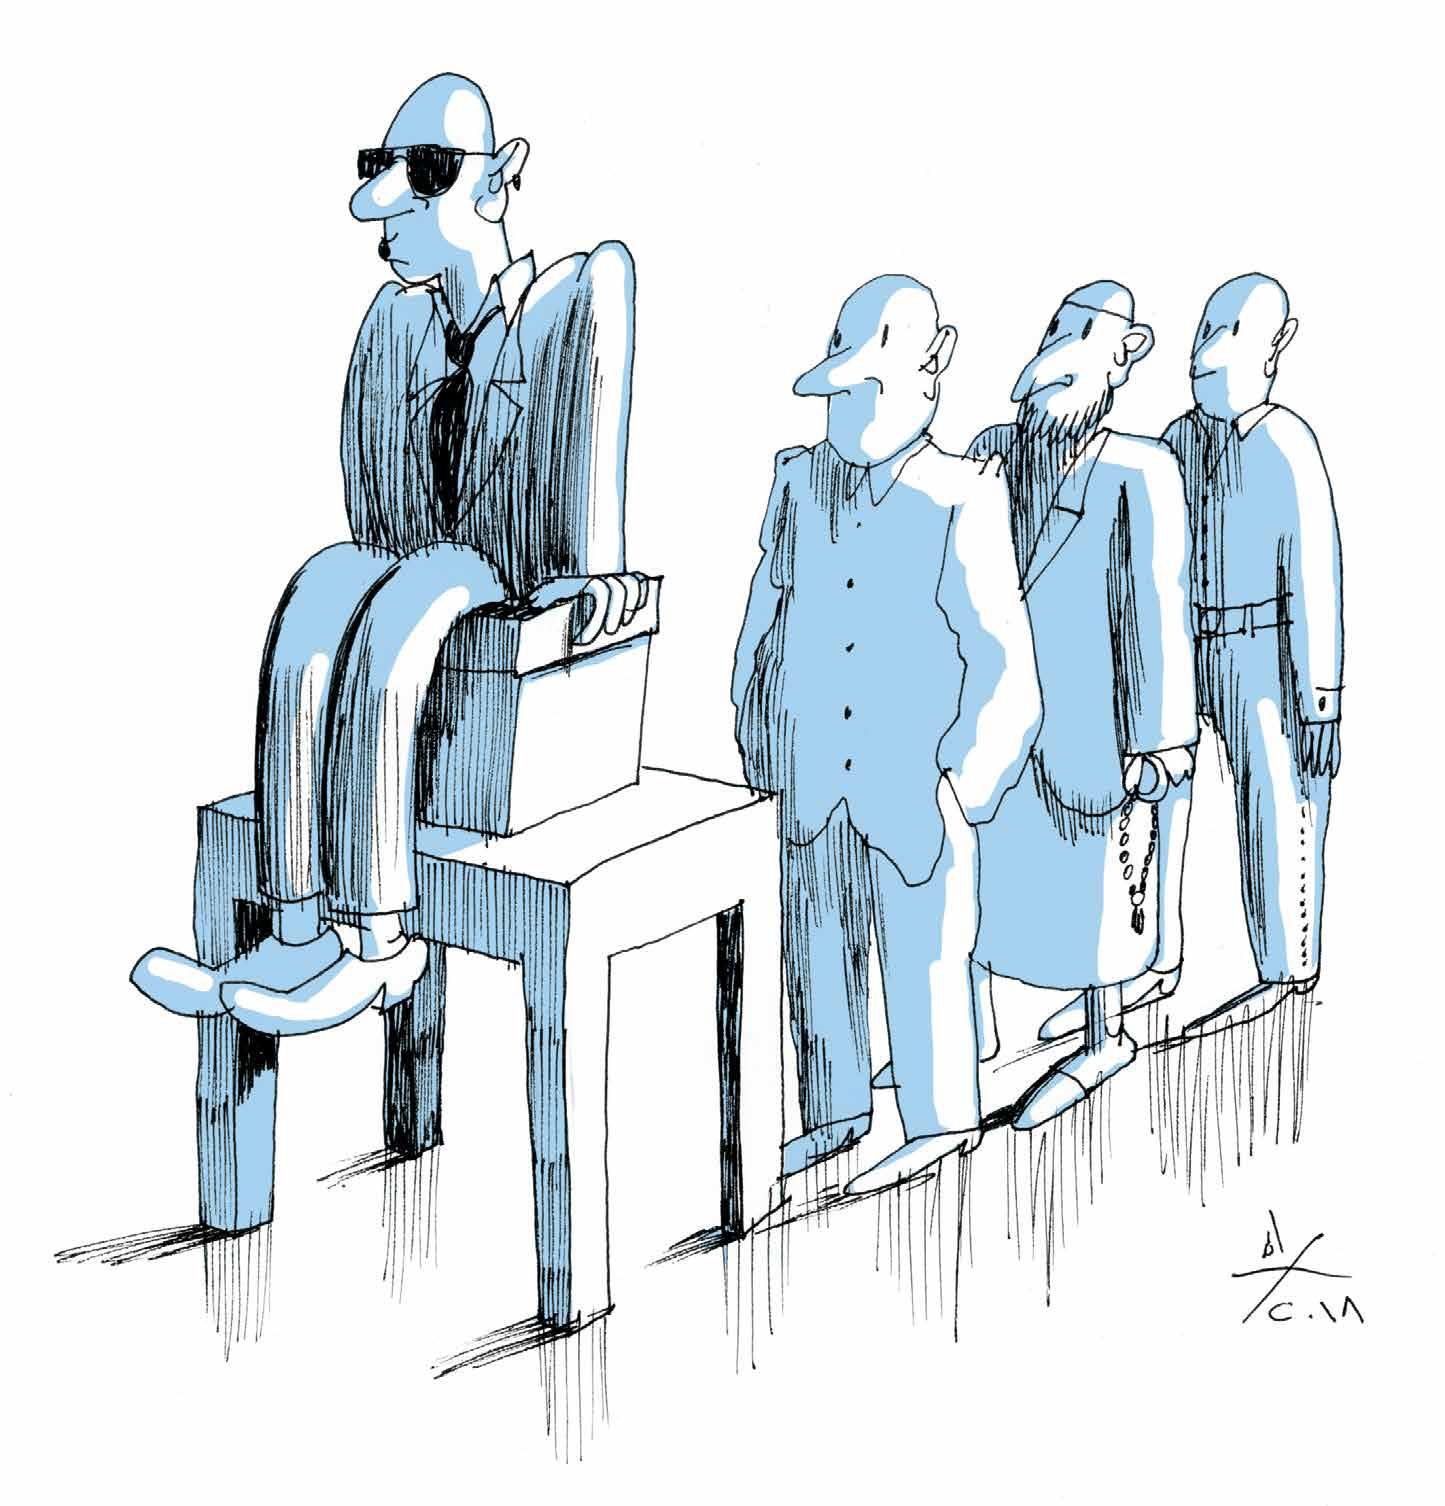 المحليات في مصر: بين تطبيق اللامركزية وحلم العمل السياسي